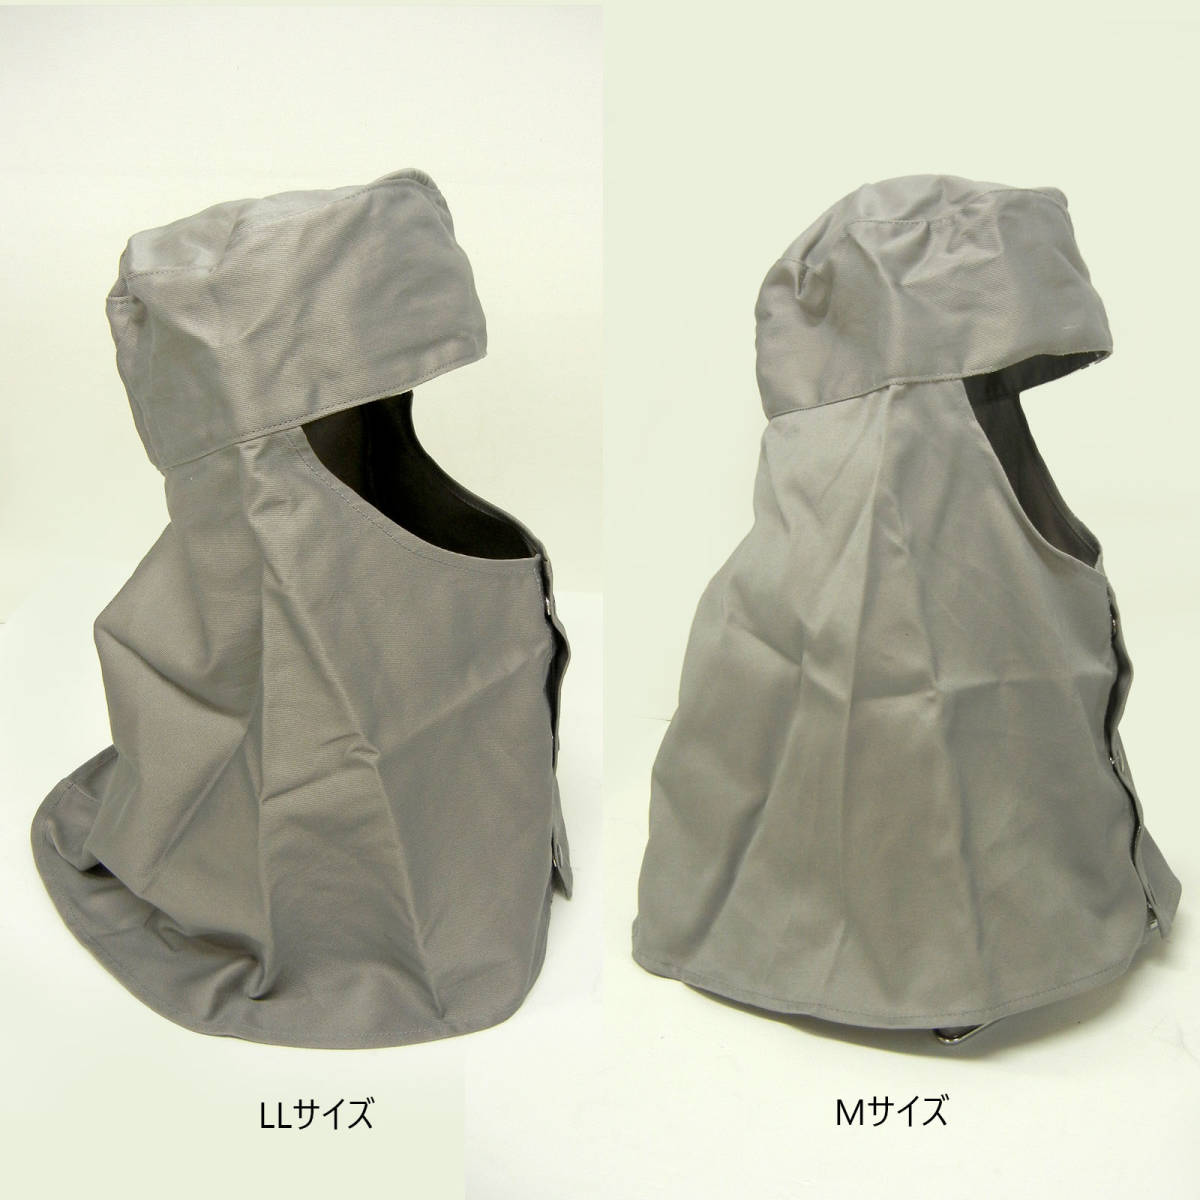 ☆【ガーデニング】アウトドア 目出し帽 M・LLサイズまとめて 10着セット☆_画像3